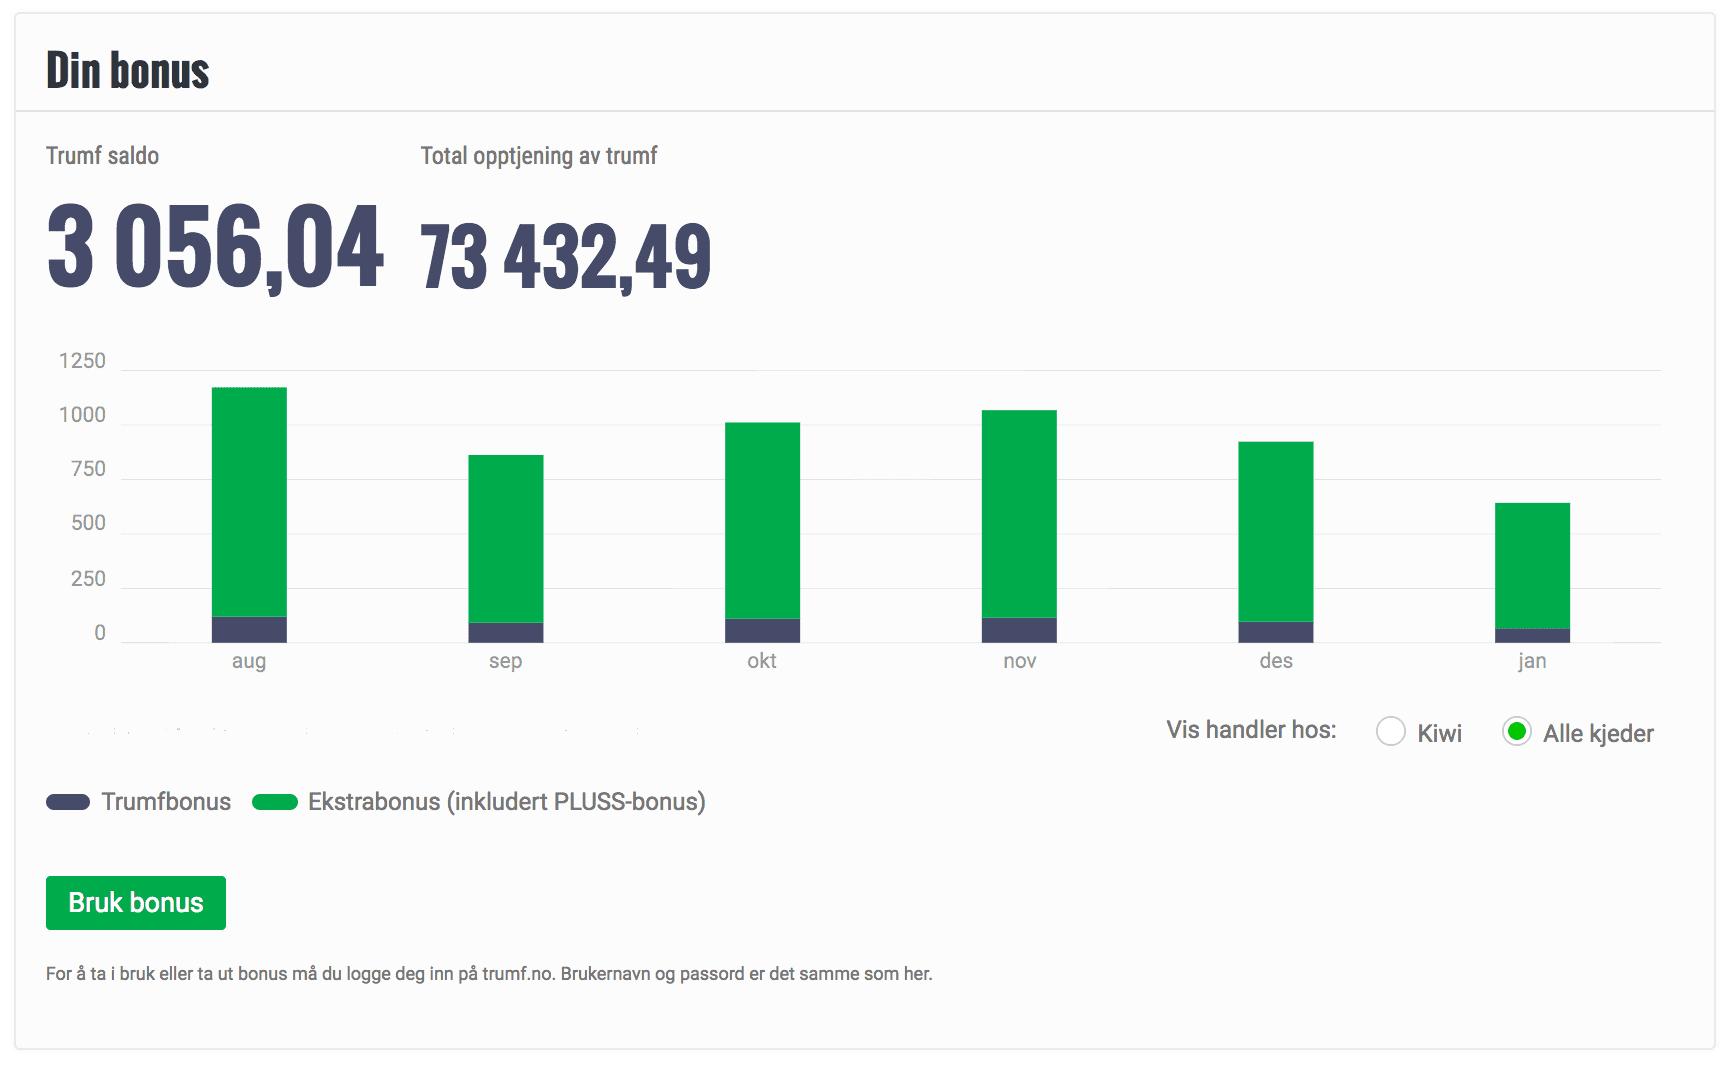 De grå søylene viser hva du har fått i ren Trumf-bonus, mens de grønne viser KIWI PLUSS-bonusen og andre ekstrabonuser (f.eks TrippelTrumf). Trumf-saldoen er det du har innestående nå, mens total opptjening viser hva du har fått så lenge du har vært Trumf- og KIWI PLUSS-kunde.